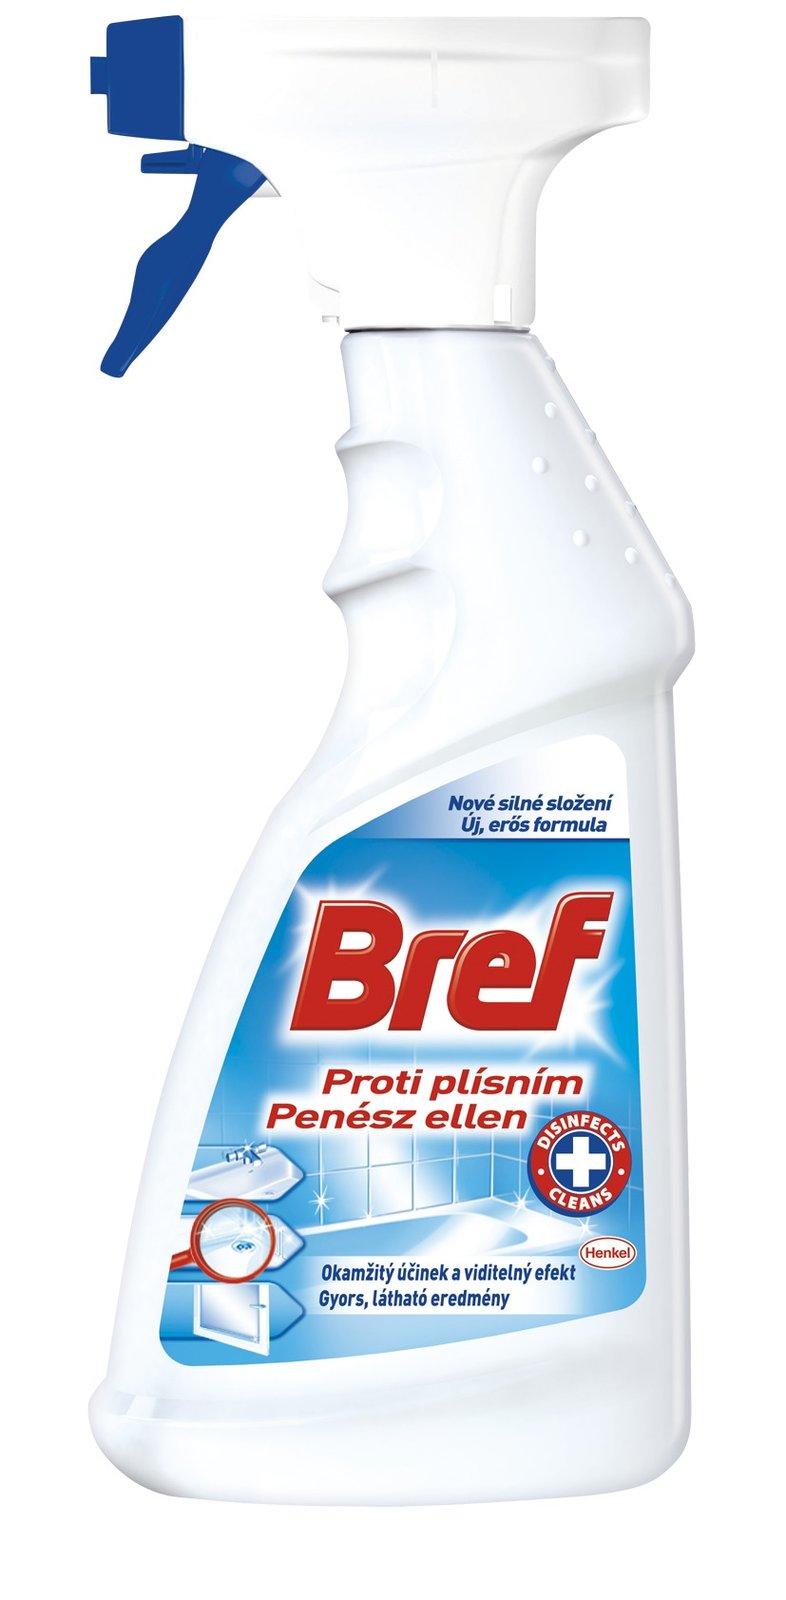 Bref Proti plísním odstraňuje skvrny a nečistoty a  bojuje proti bakteriím a plísním. 65 Kč